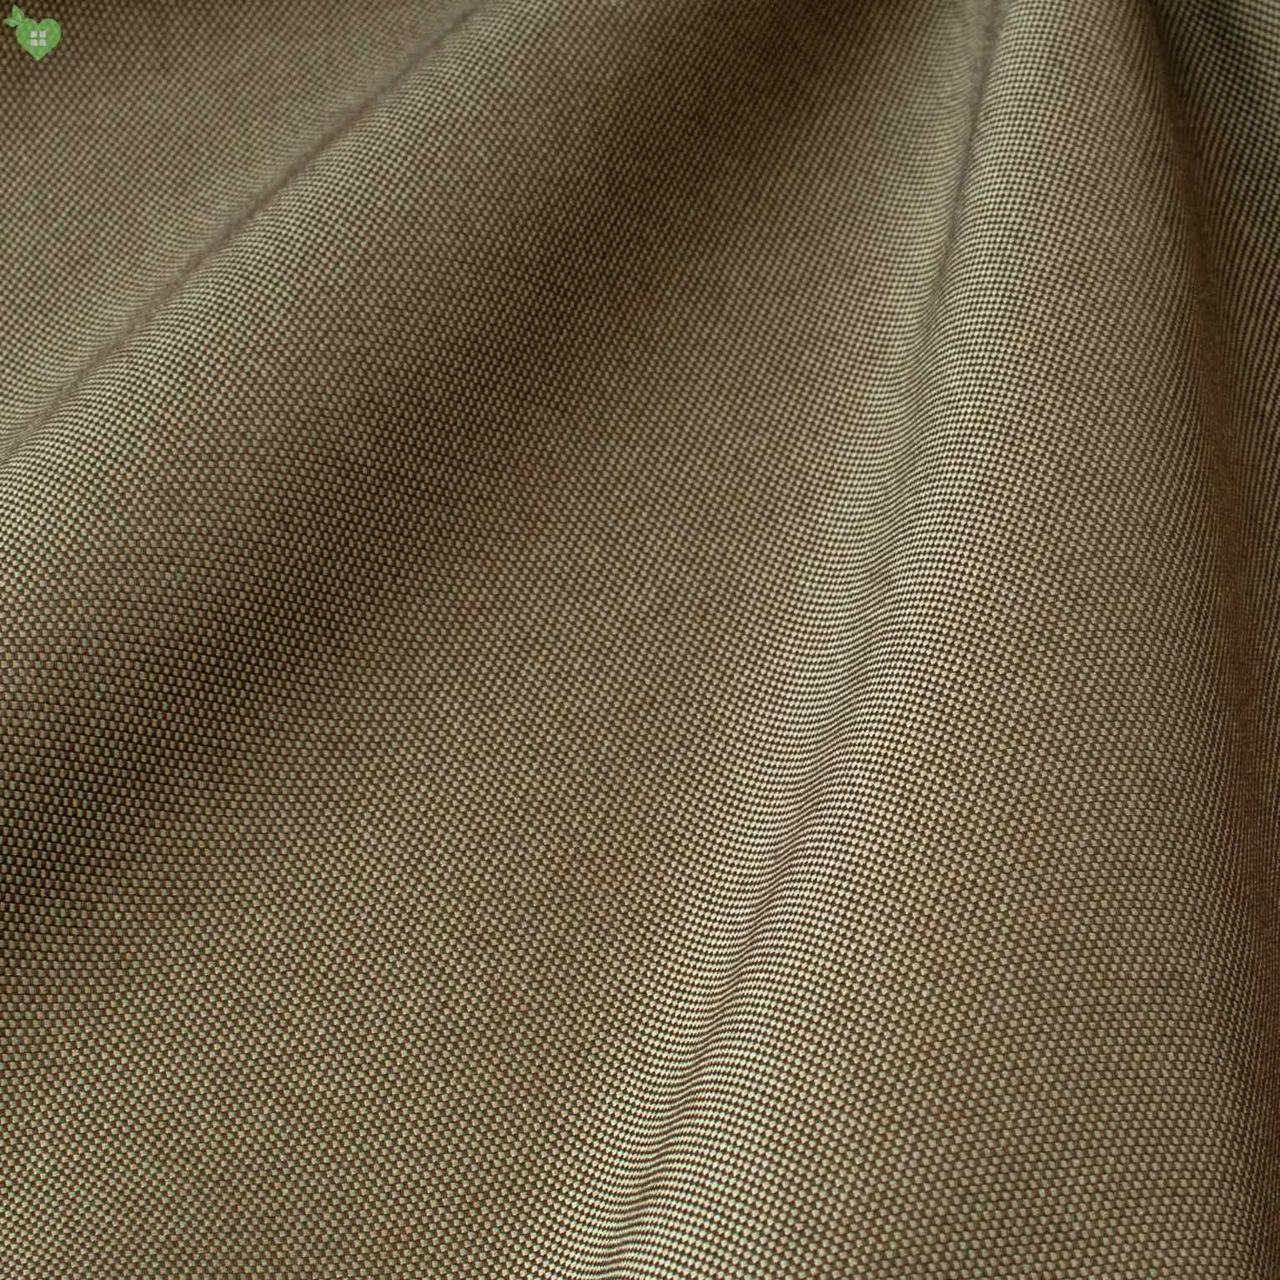 Уличная ткань с фактурой коричневого цвета для штор на павильон 84271v5